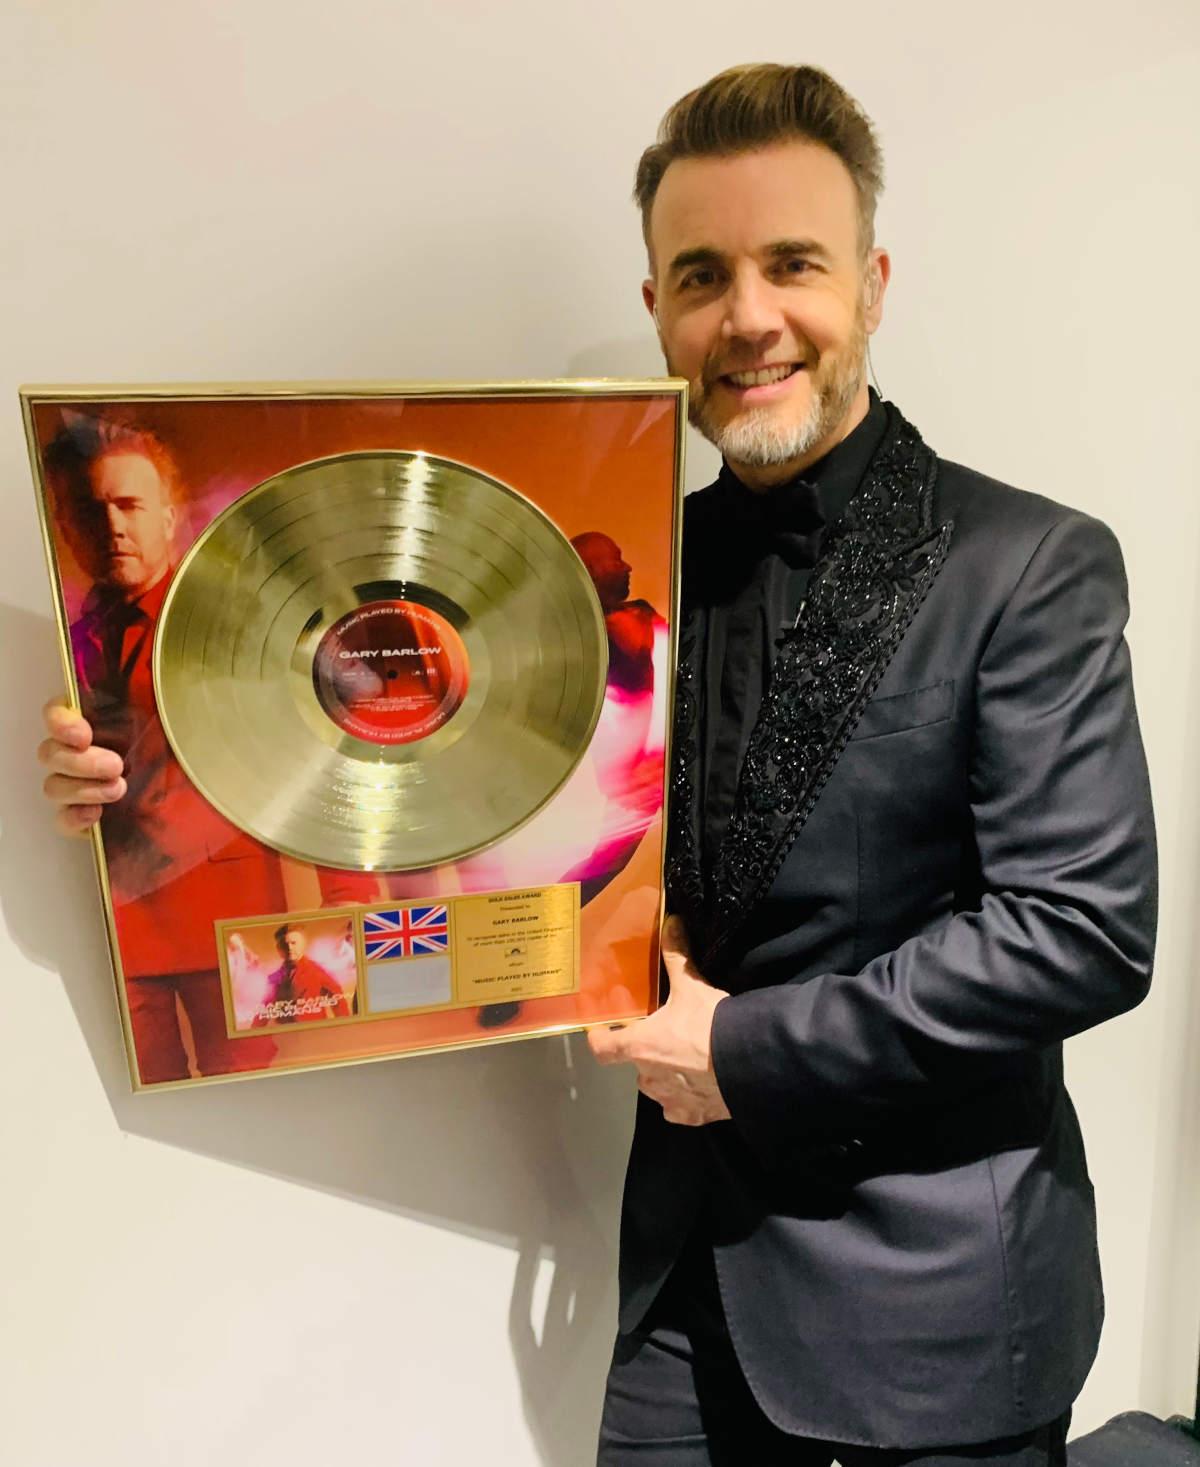 Gary Barlow Gold BRIT Disc Award - Music